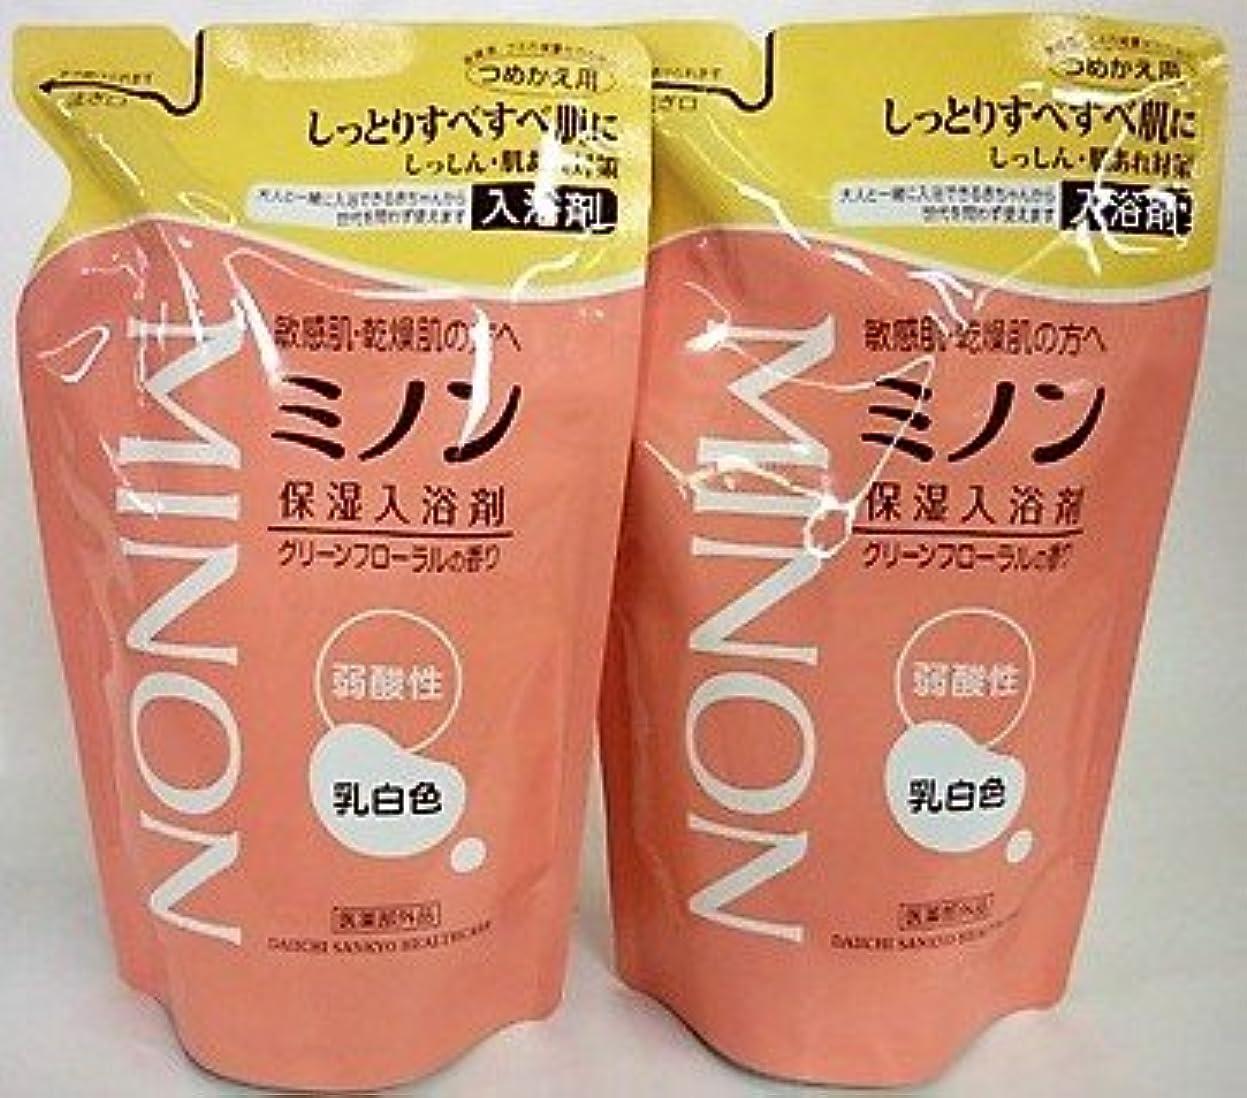 回復する印象的な限定[2個セット]ミノン 薬用保湿入浴剤 詰替 400mL入り×2個